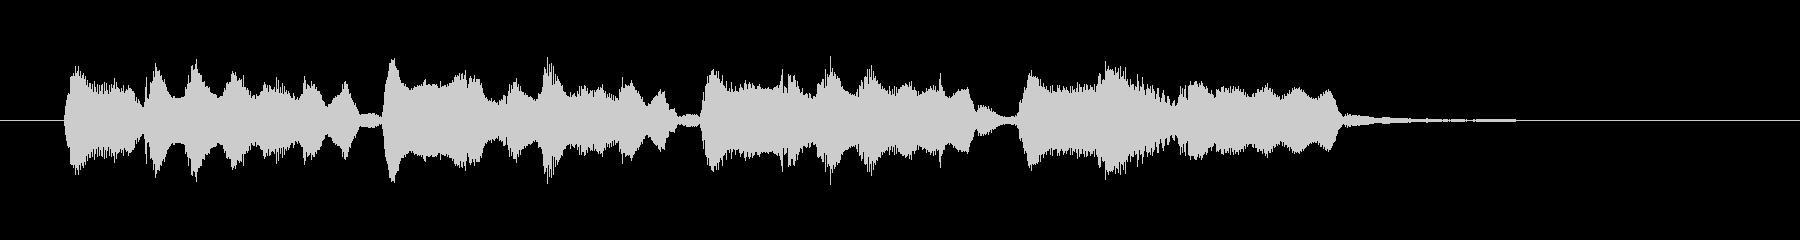 明るく愉快な笛のメロディーのポップスの未再生の波形